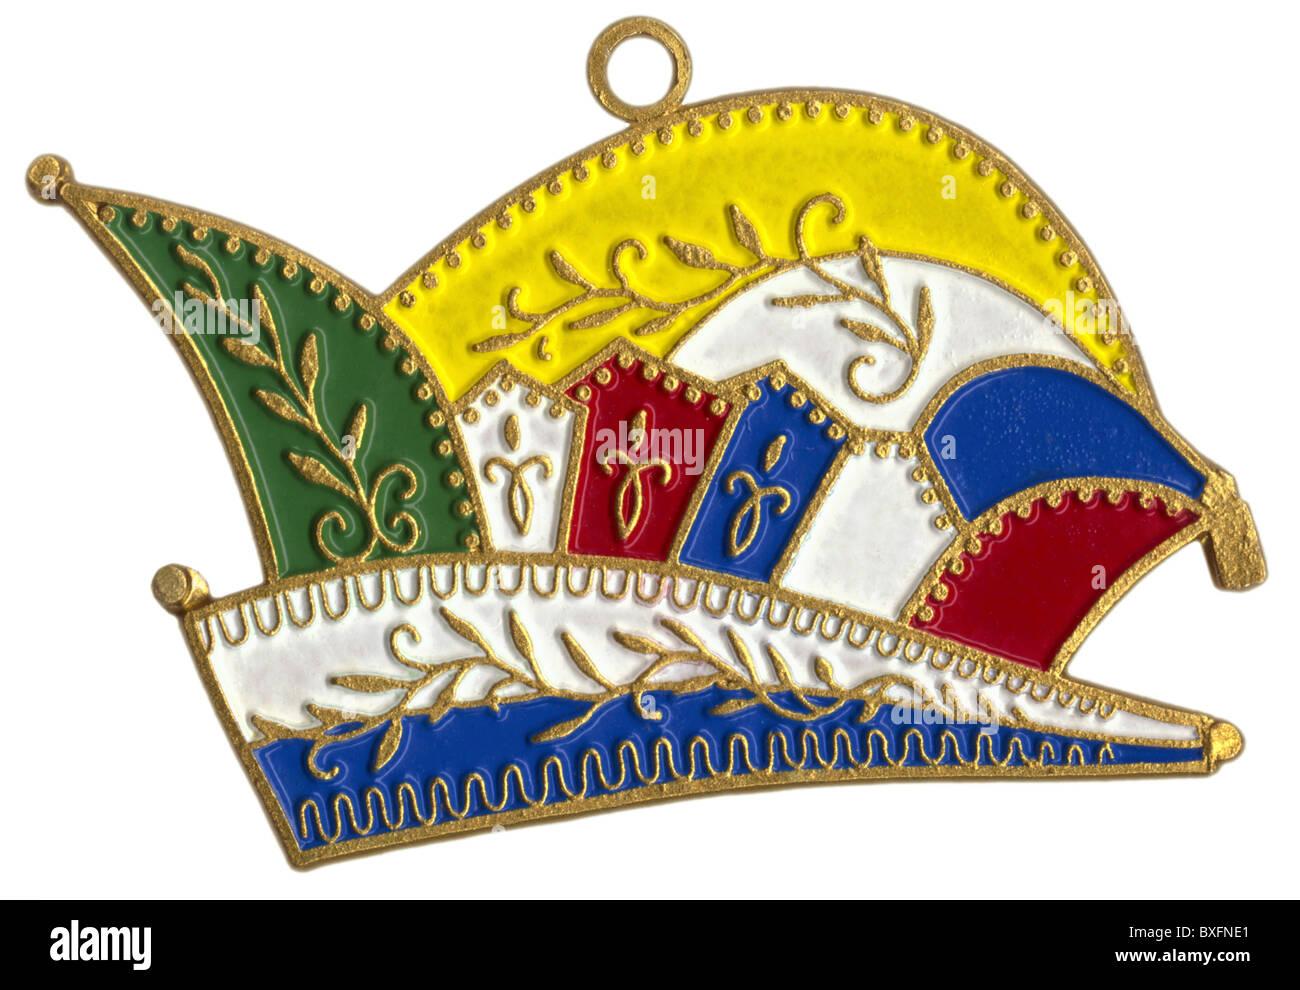 Carnaval, duncecap, príncipe cap, esmalte stick, 1980, 80s, del siglo XX, histórico, histórico, el Imagen De Stock